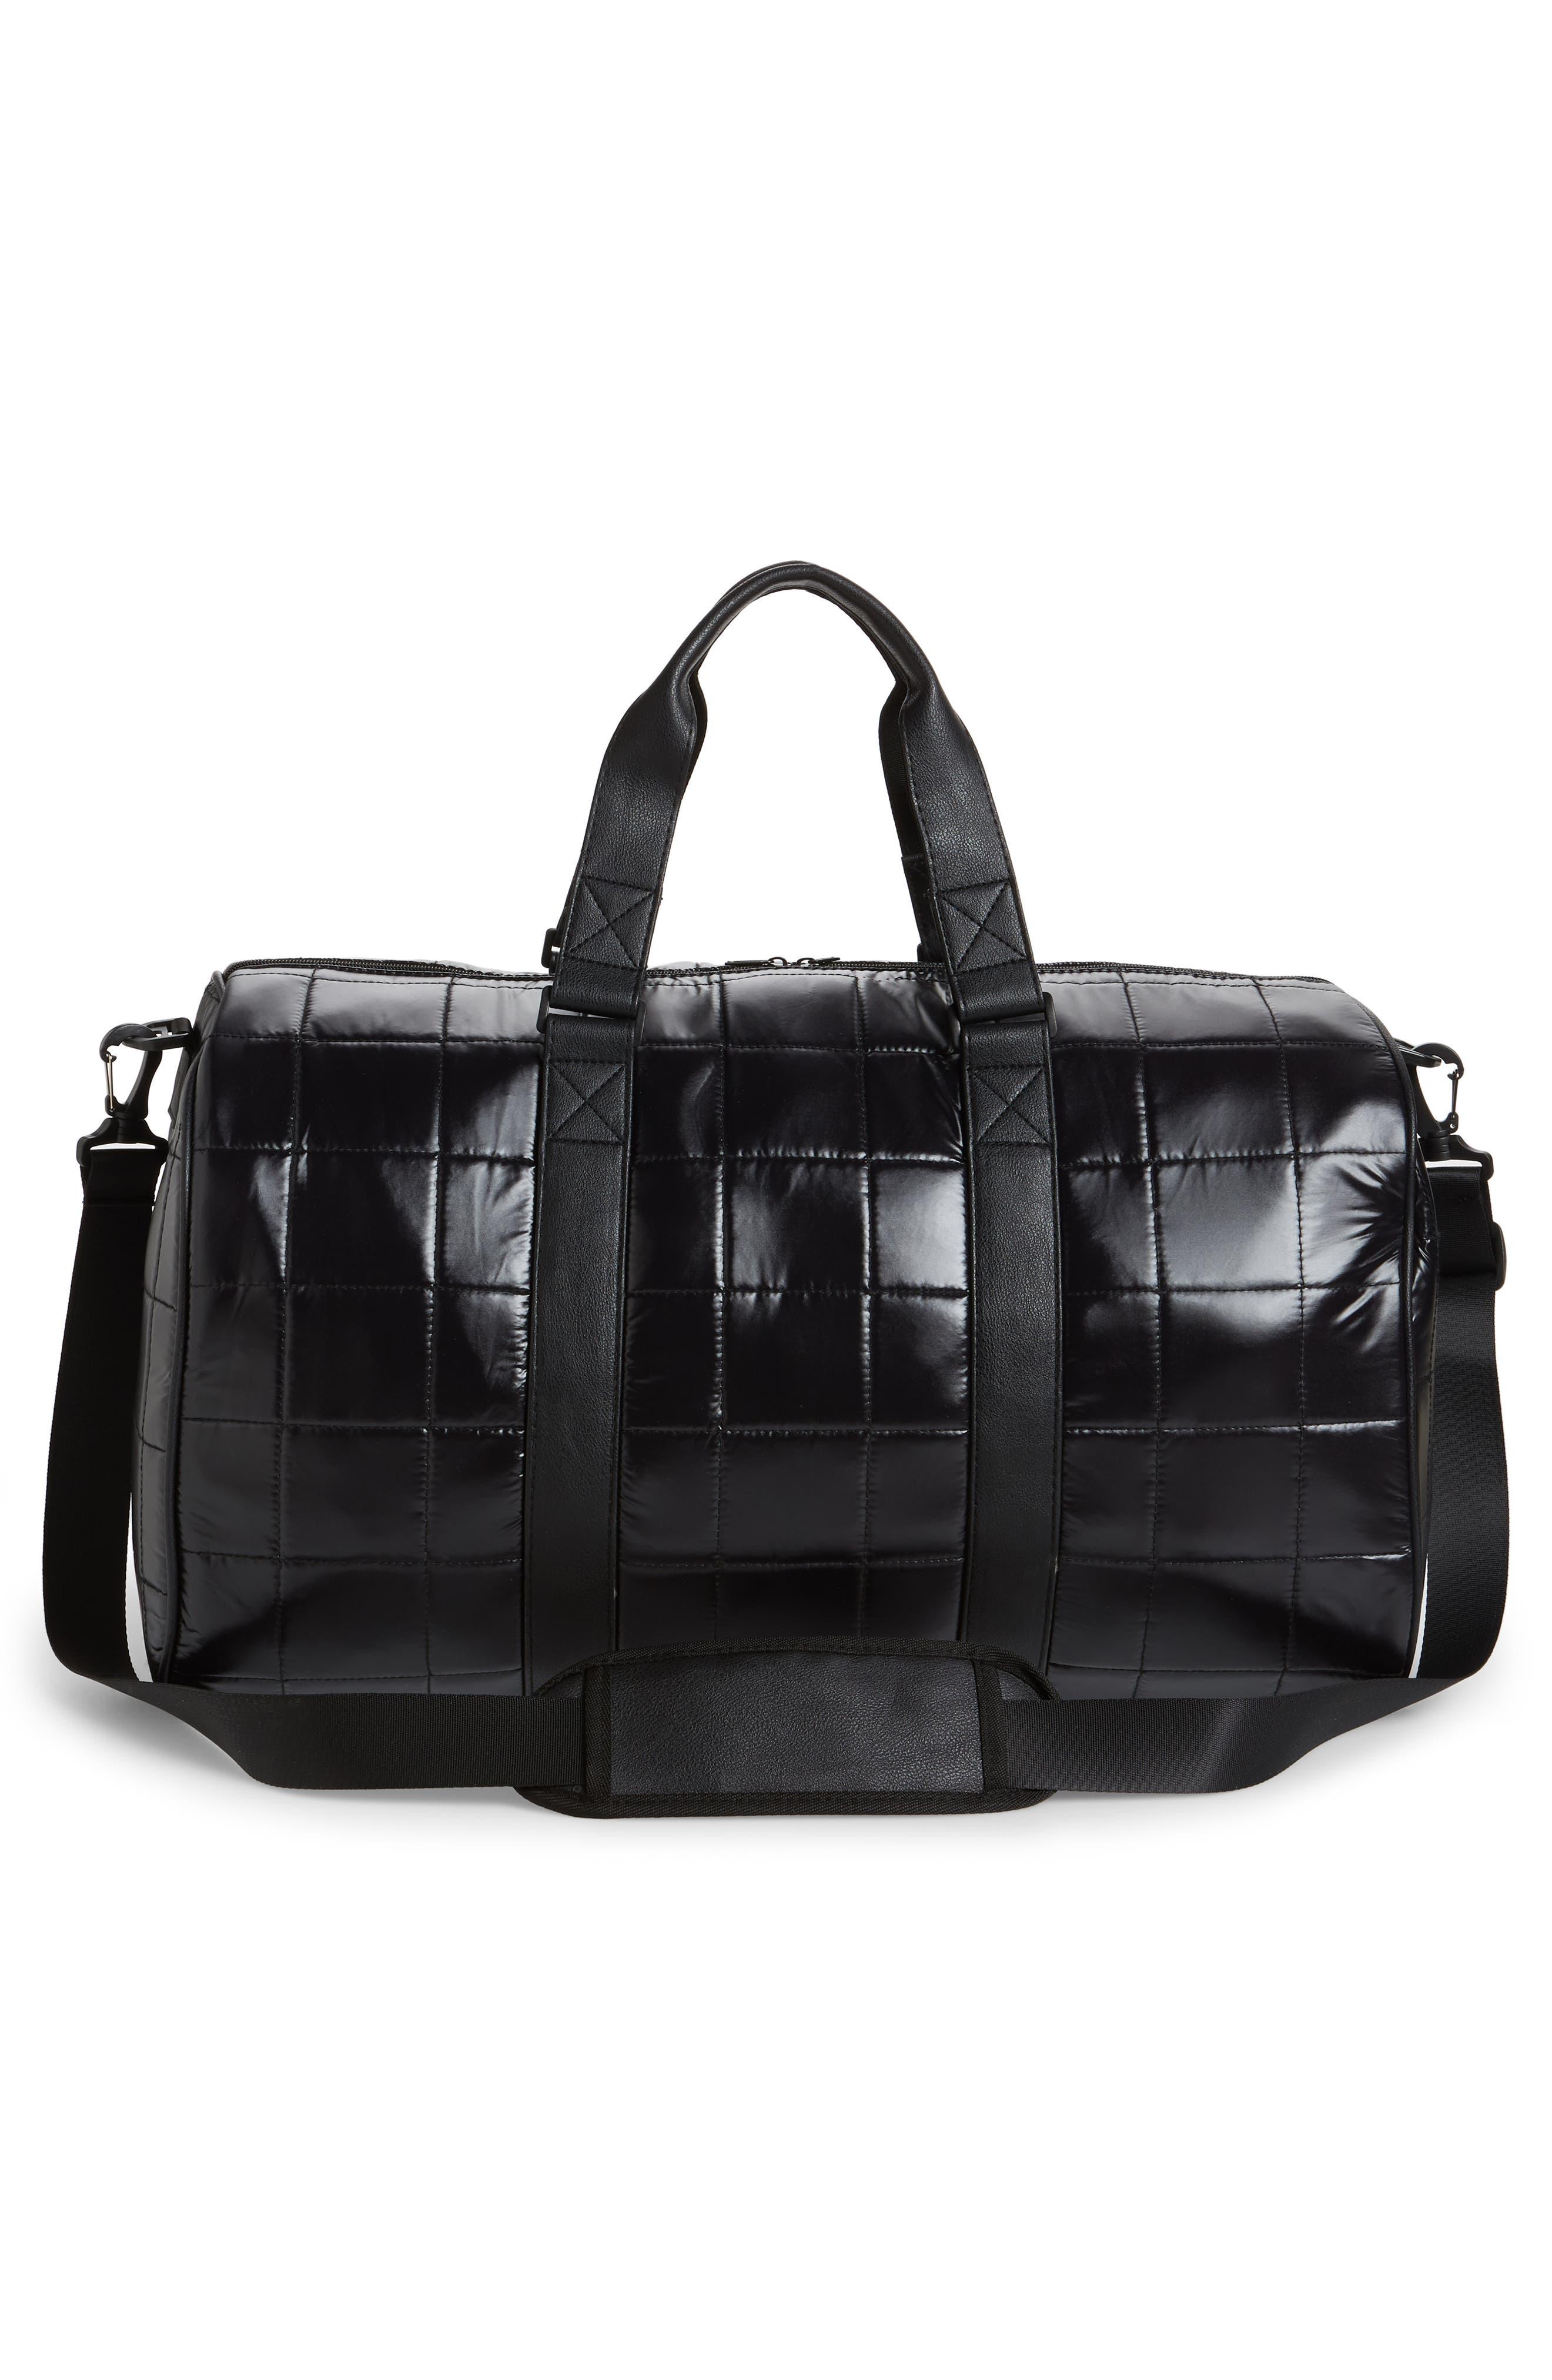 Puffer Duffel Bag,                             Alternate thumbnail 3, color,                             Black